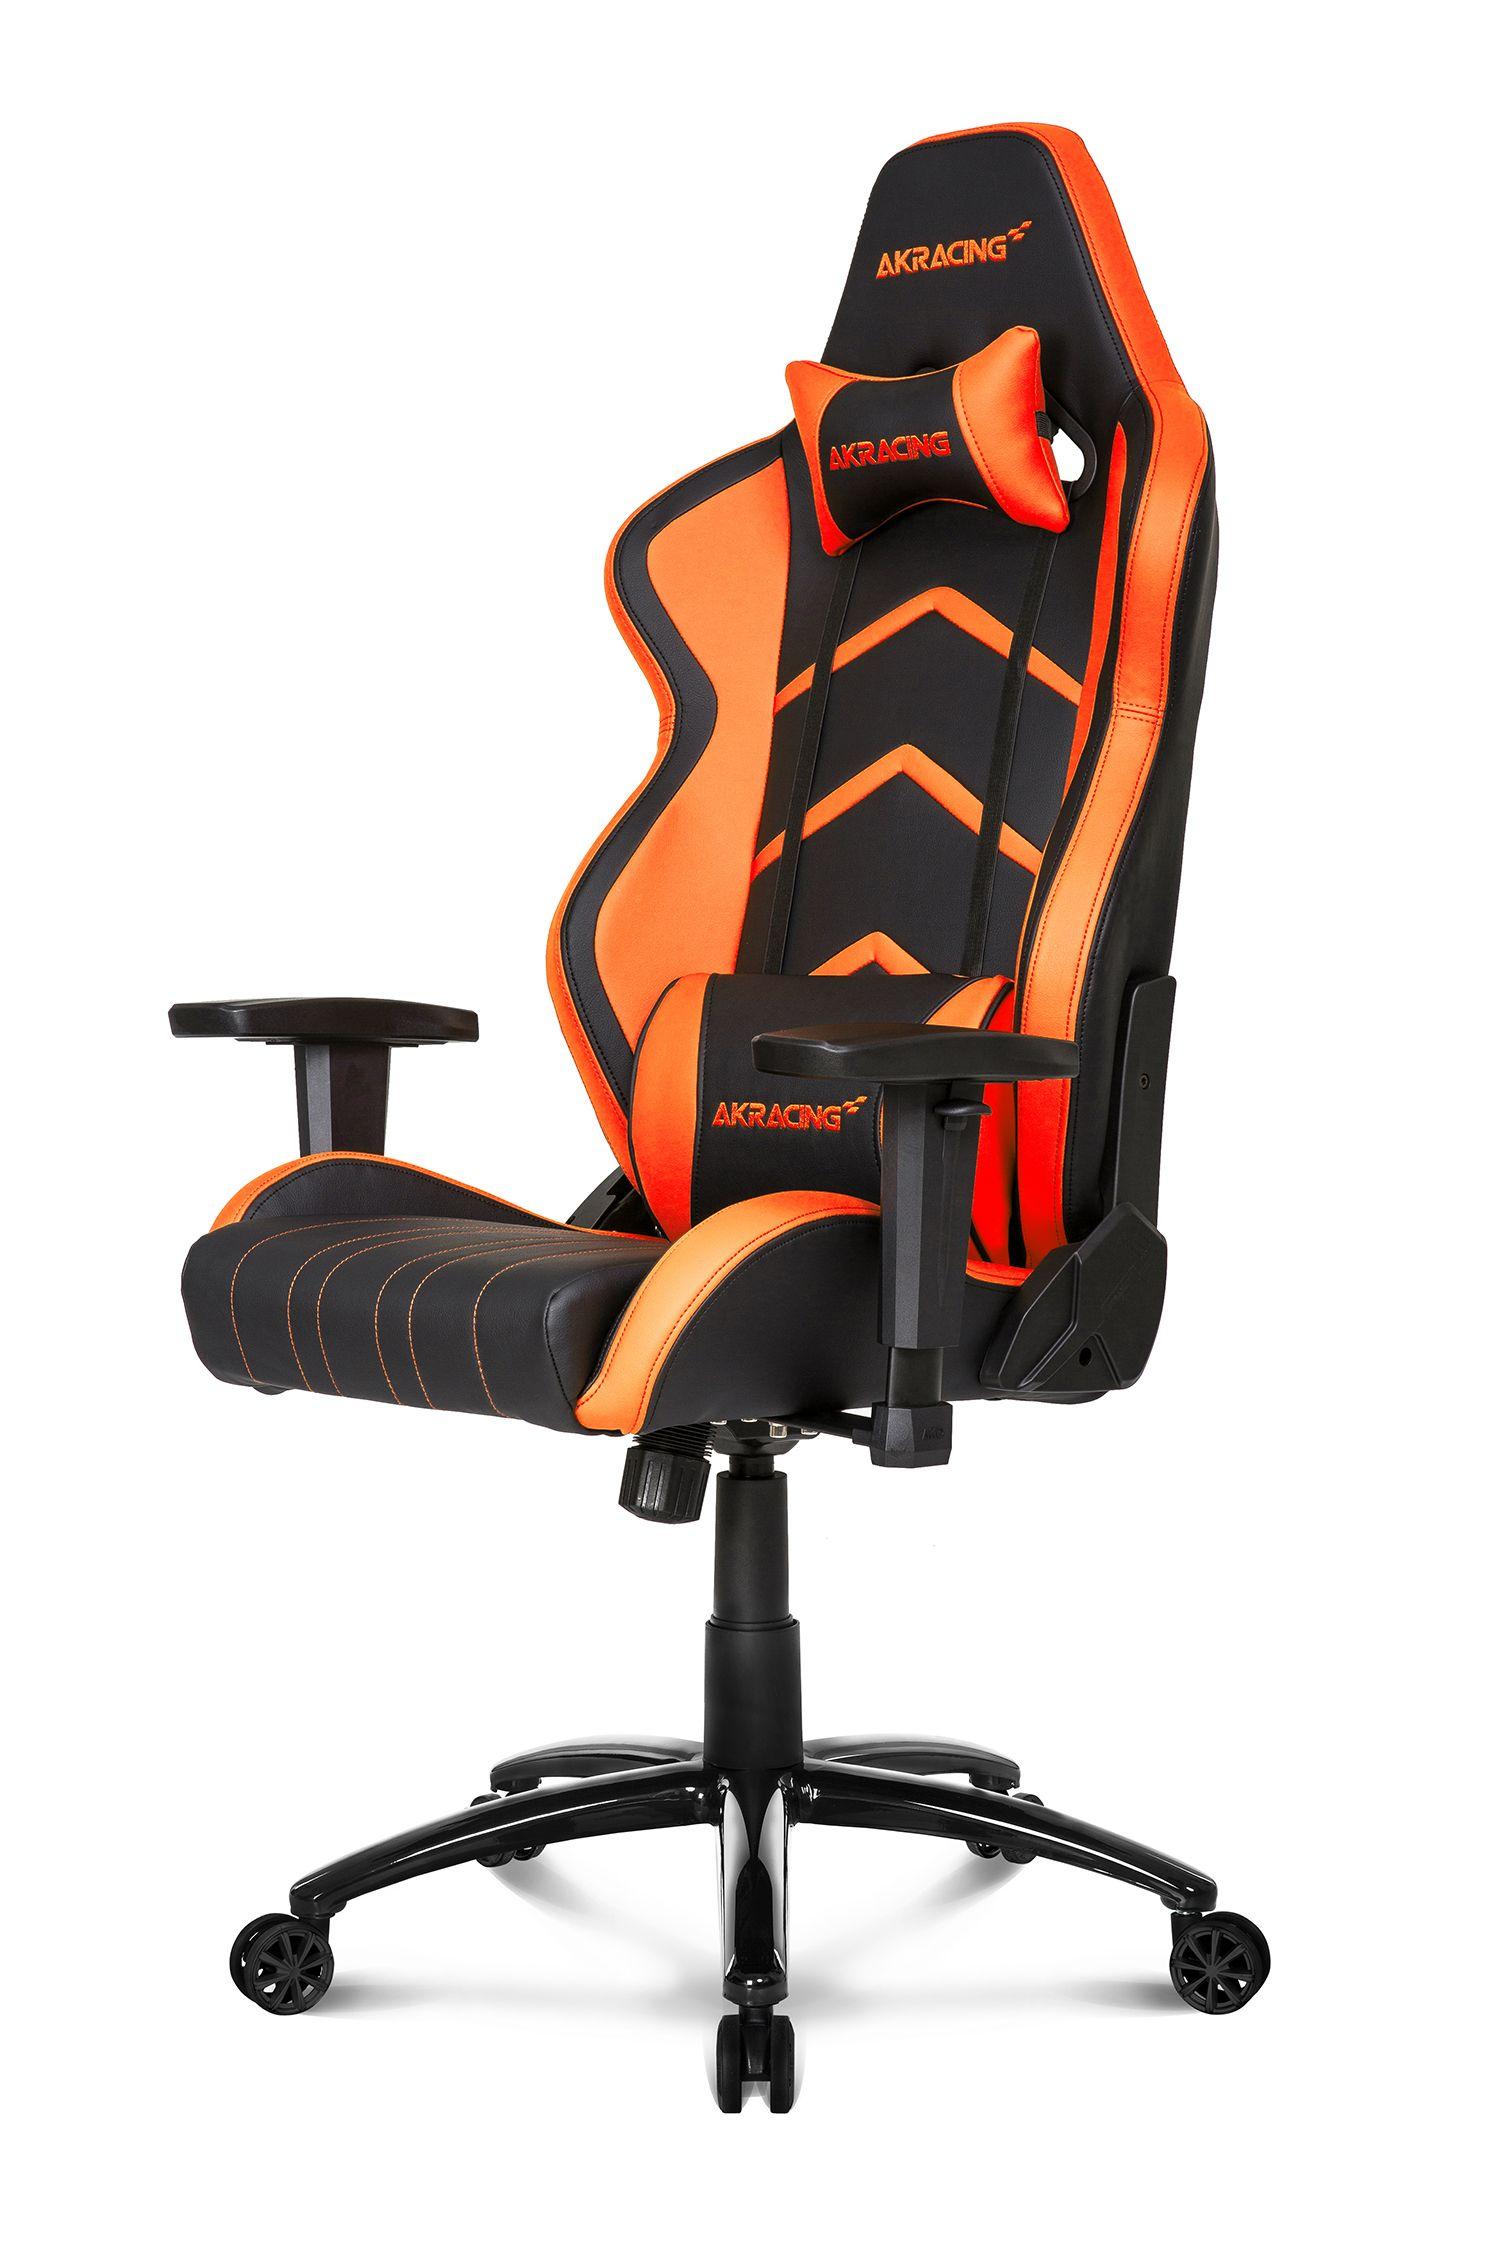 AKRACING Nitro Gaming Chair Orange